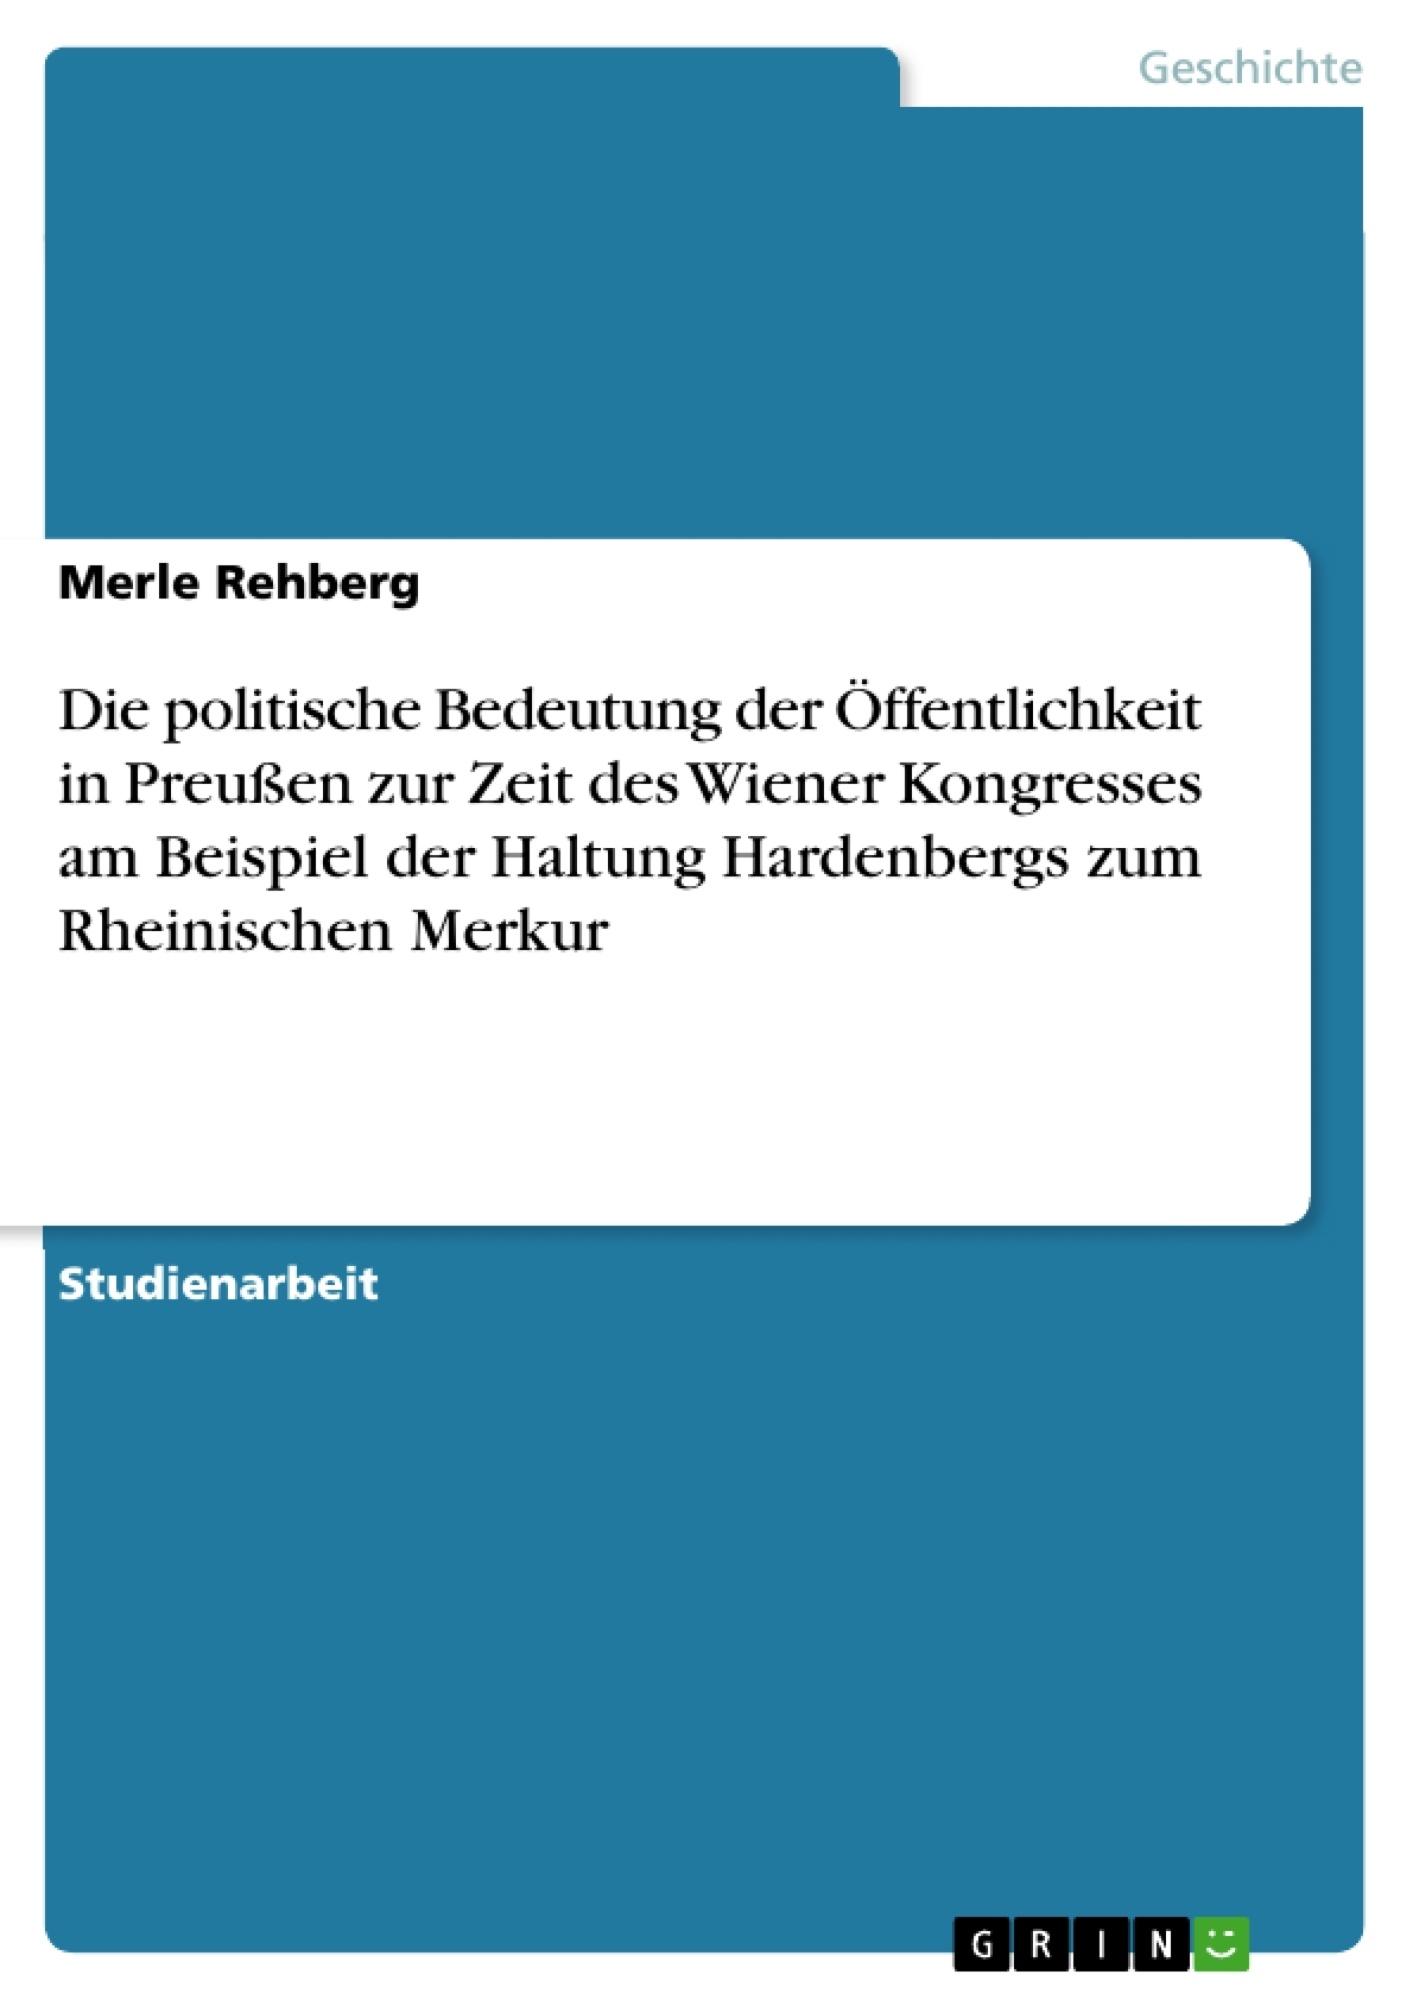 Titel: Die politische Bedeutung der Öffentlichkeit in Preußen zur Zeit des Wiener Kongresses am Beispiel der Haltung Hardenbergs zum Rheinischen Merkur